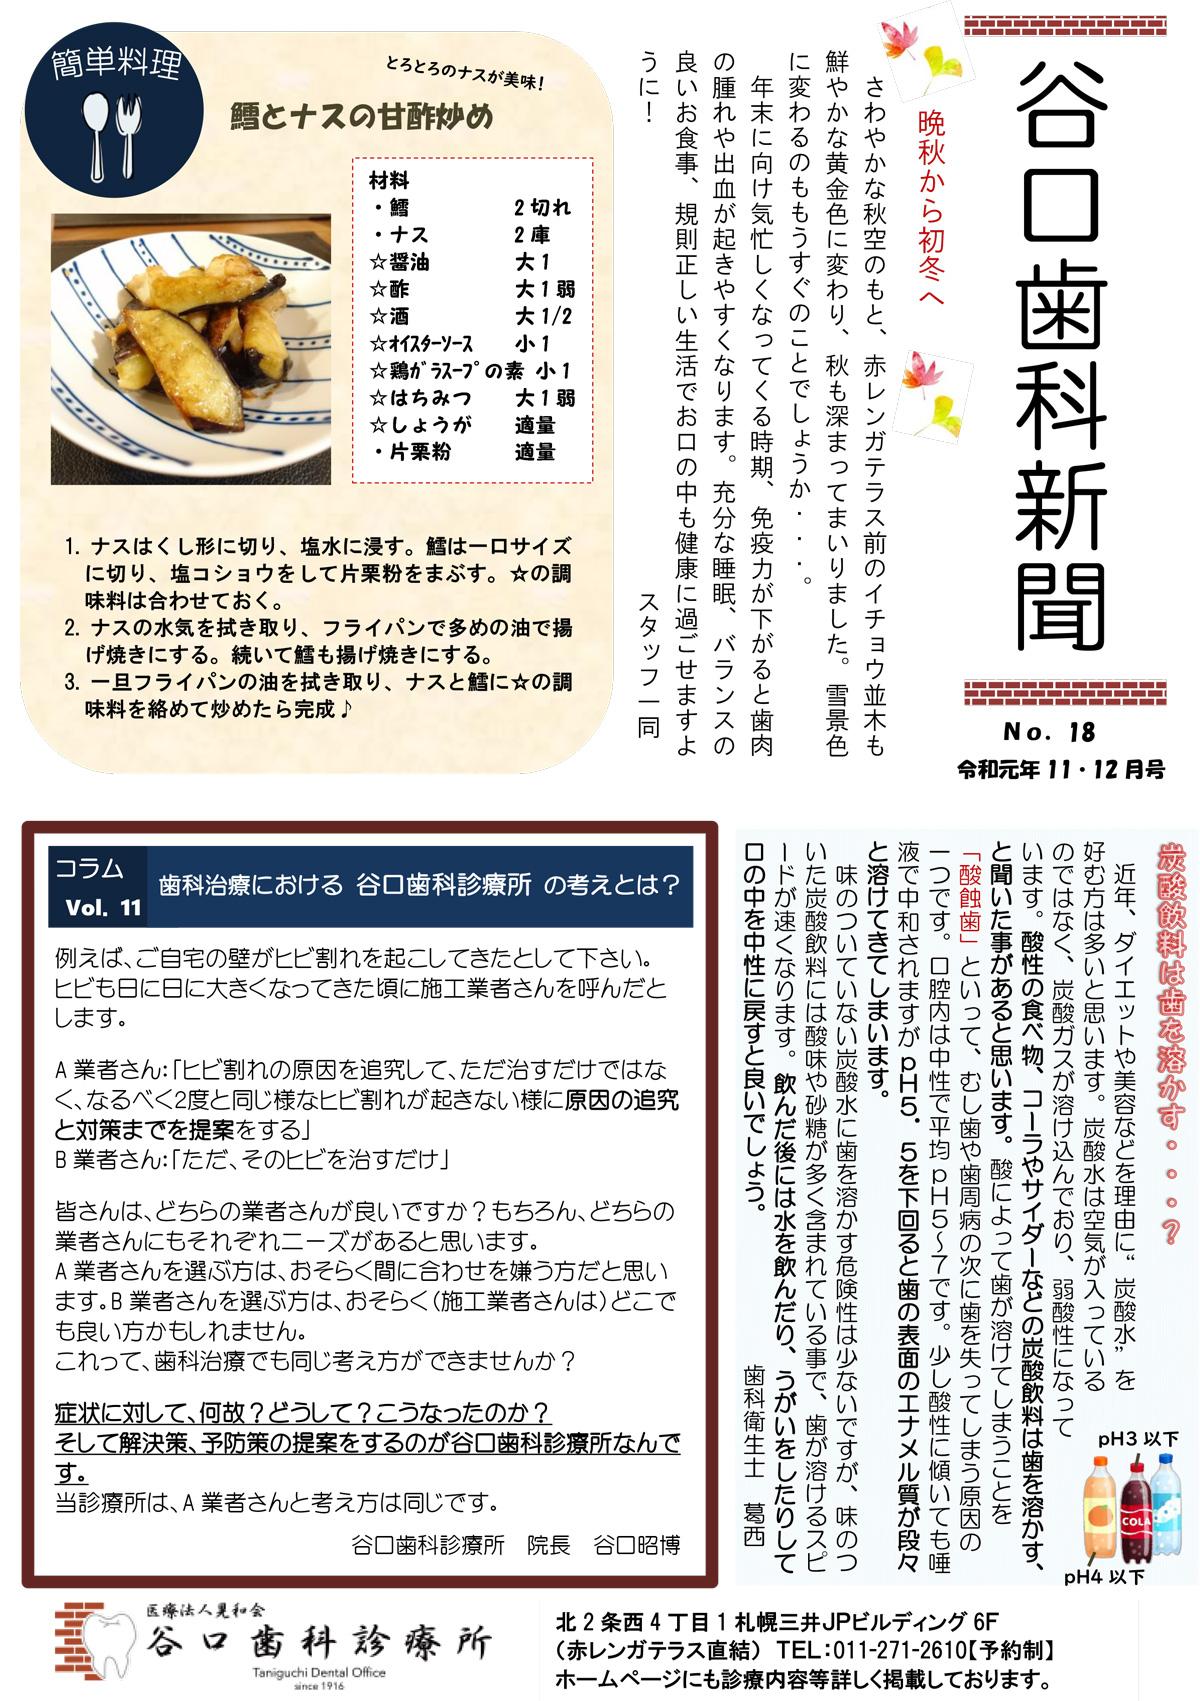 谷口歯科新聞R01年11・12月